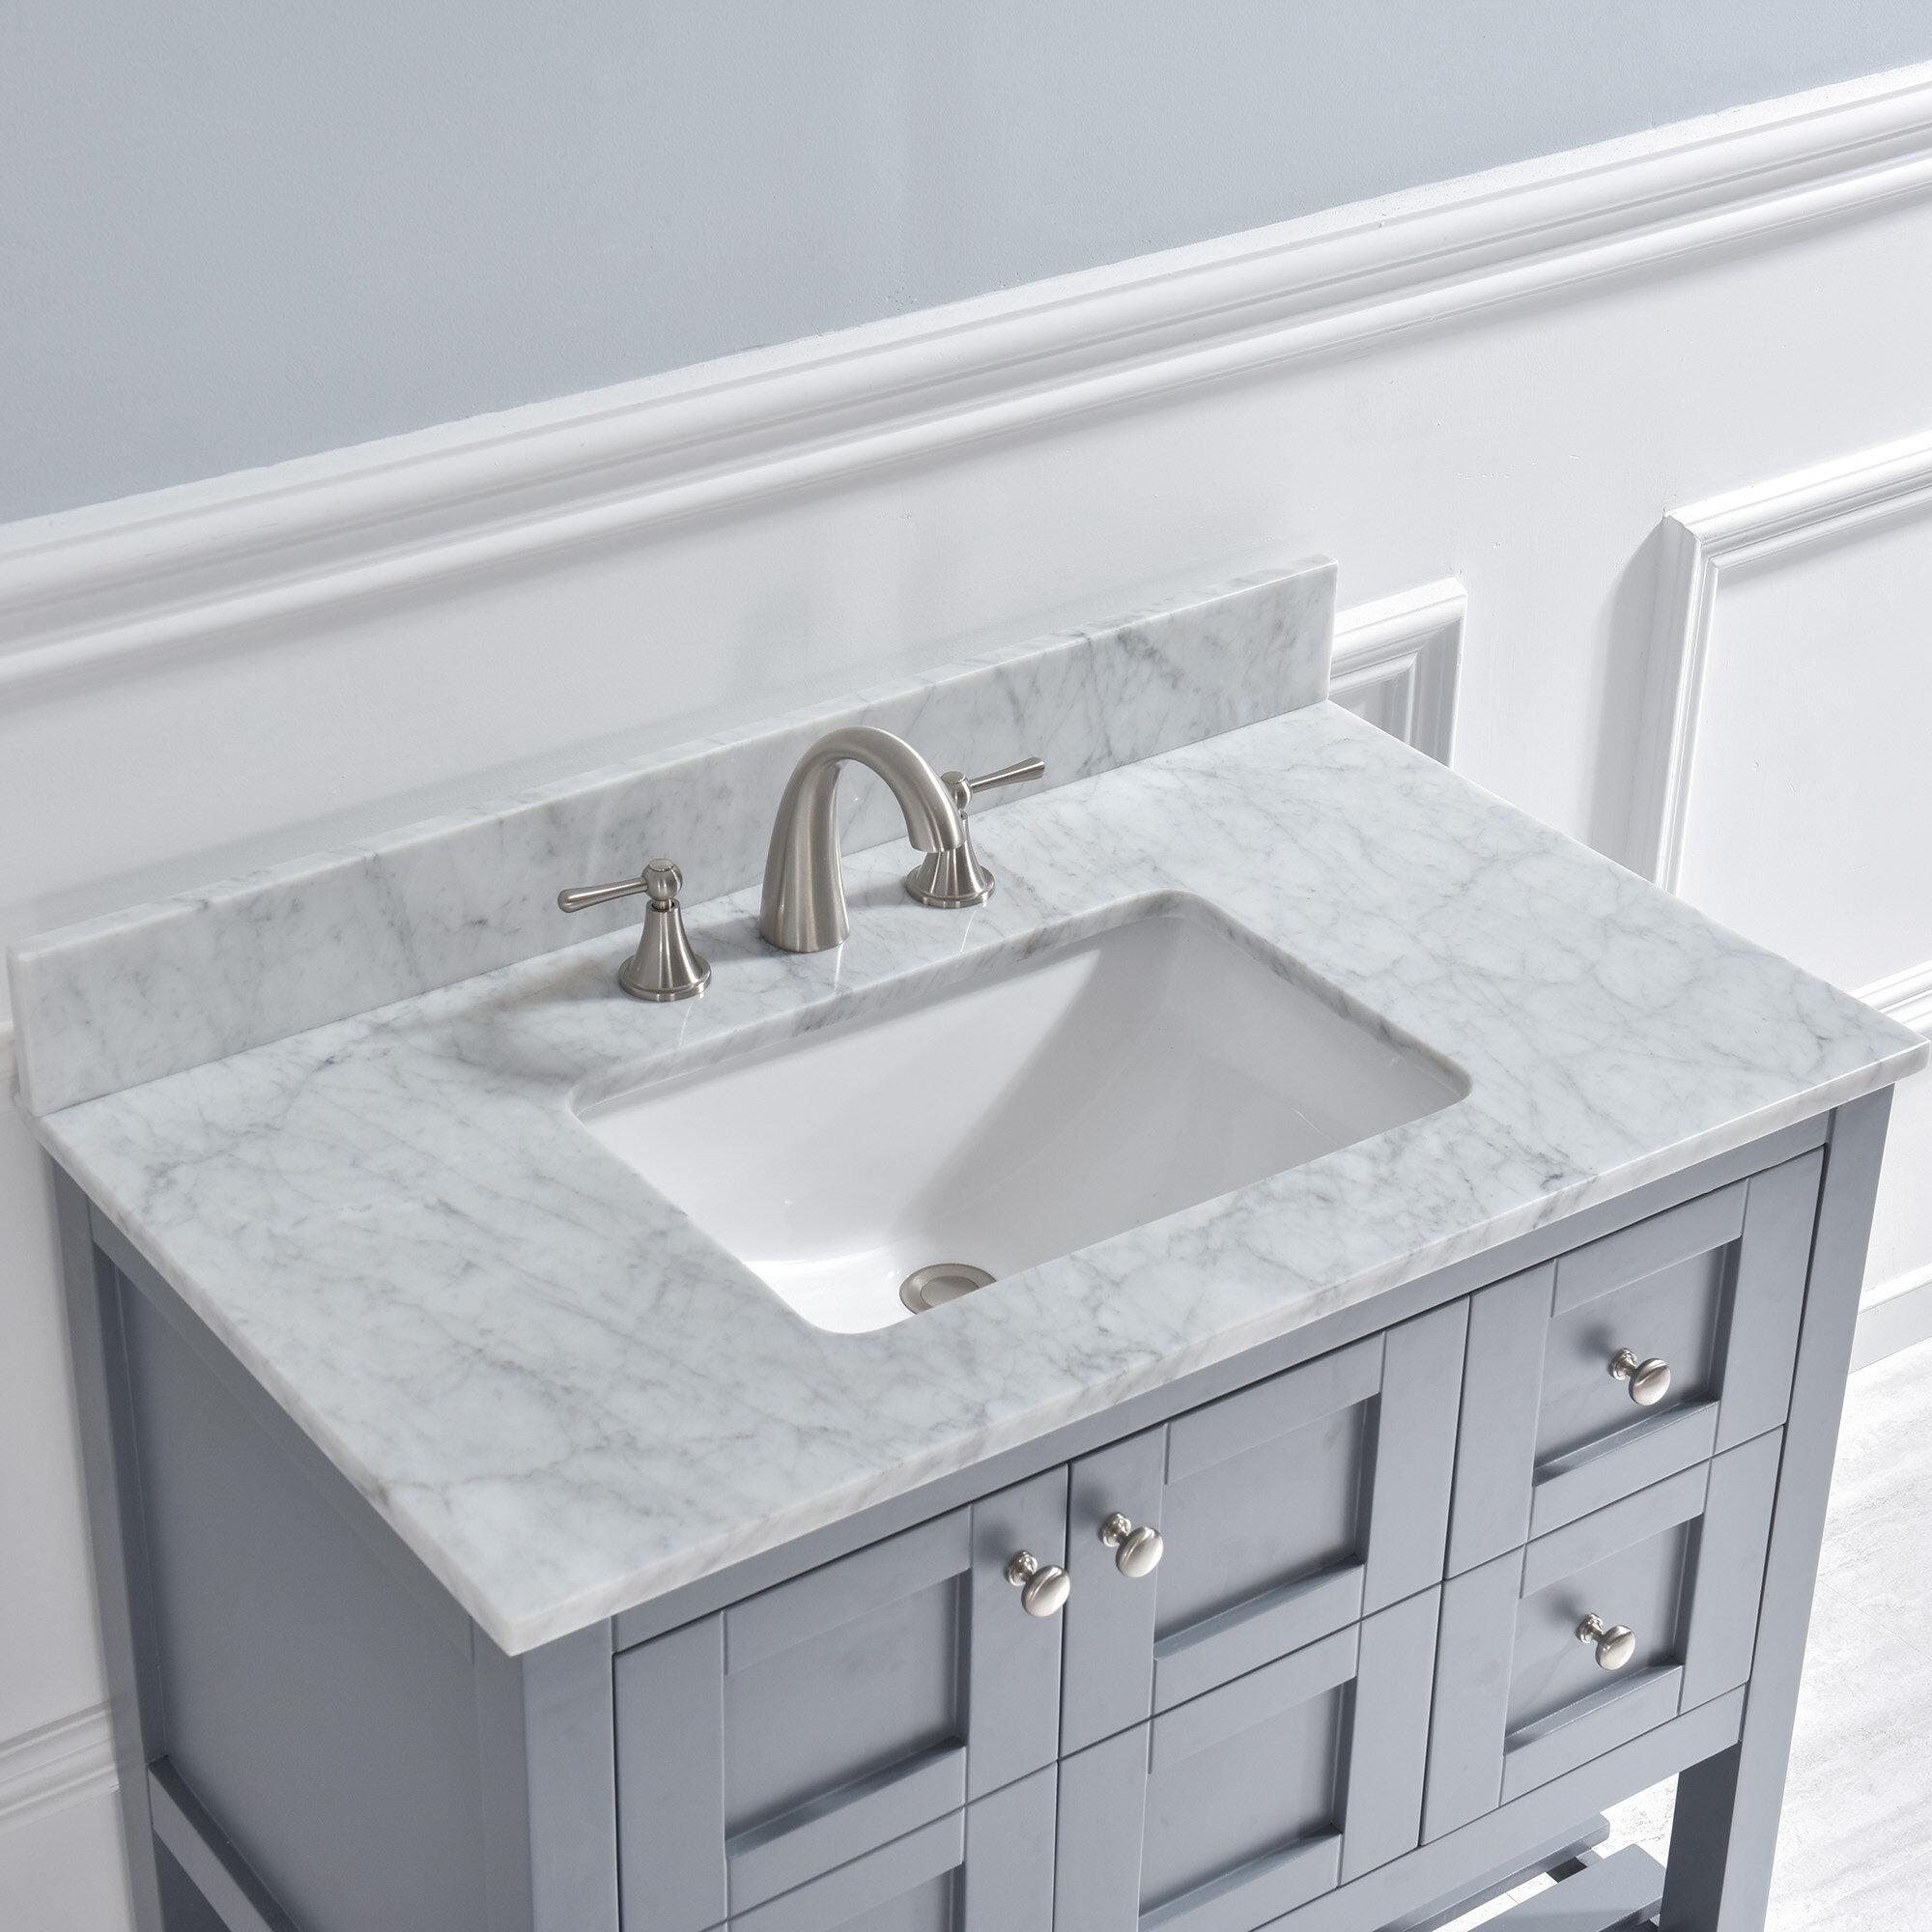 Woodbridge 37 Single Bathroom Vanity